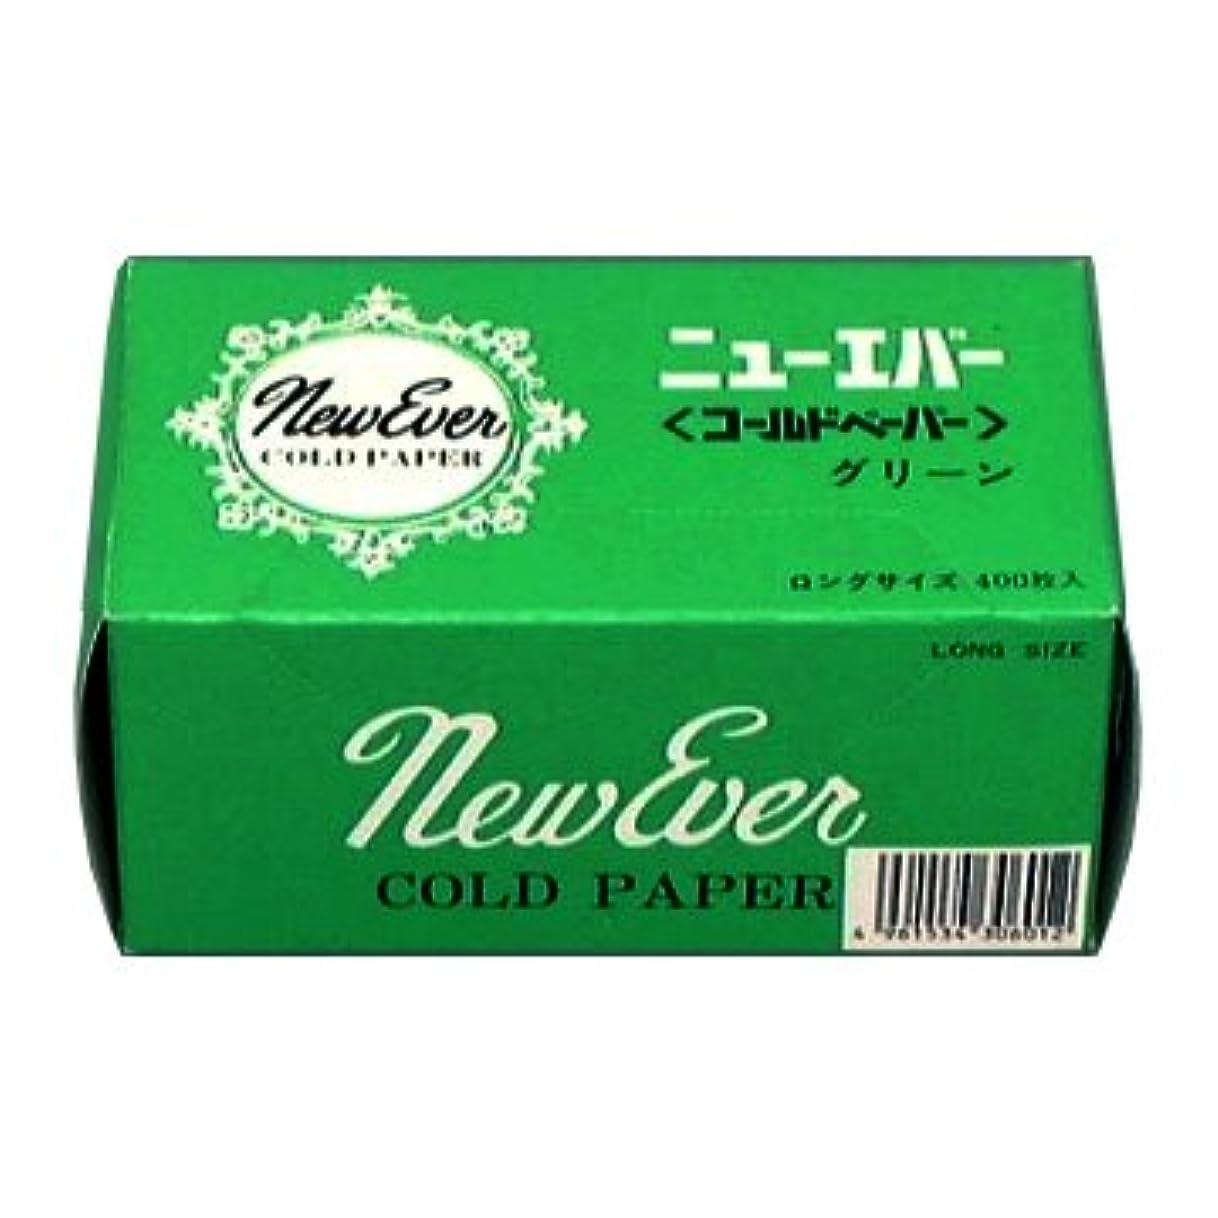 絶えず送ったフリース米正 ニューエバー コールドペーパー グリーン ロングサイズ 400枚入